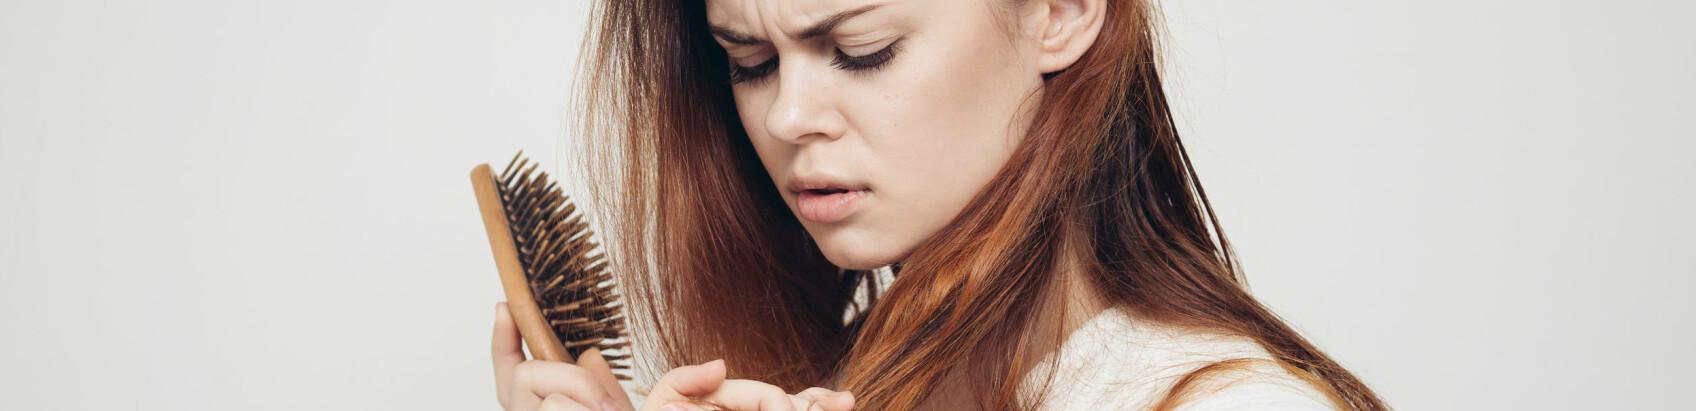 NORMALT: Det er helt vanlig å miste hår – men akkurat hvor mange hårstrå mister man egentlig hver dag? FOTO: Scanpix